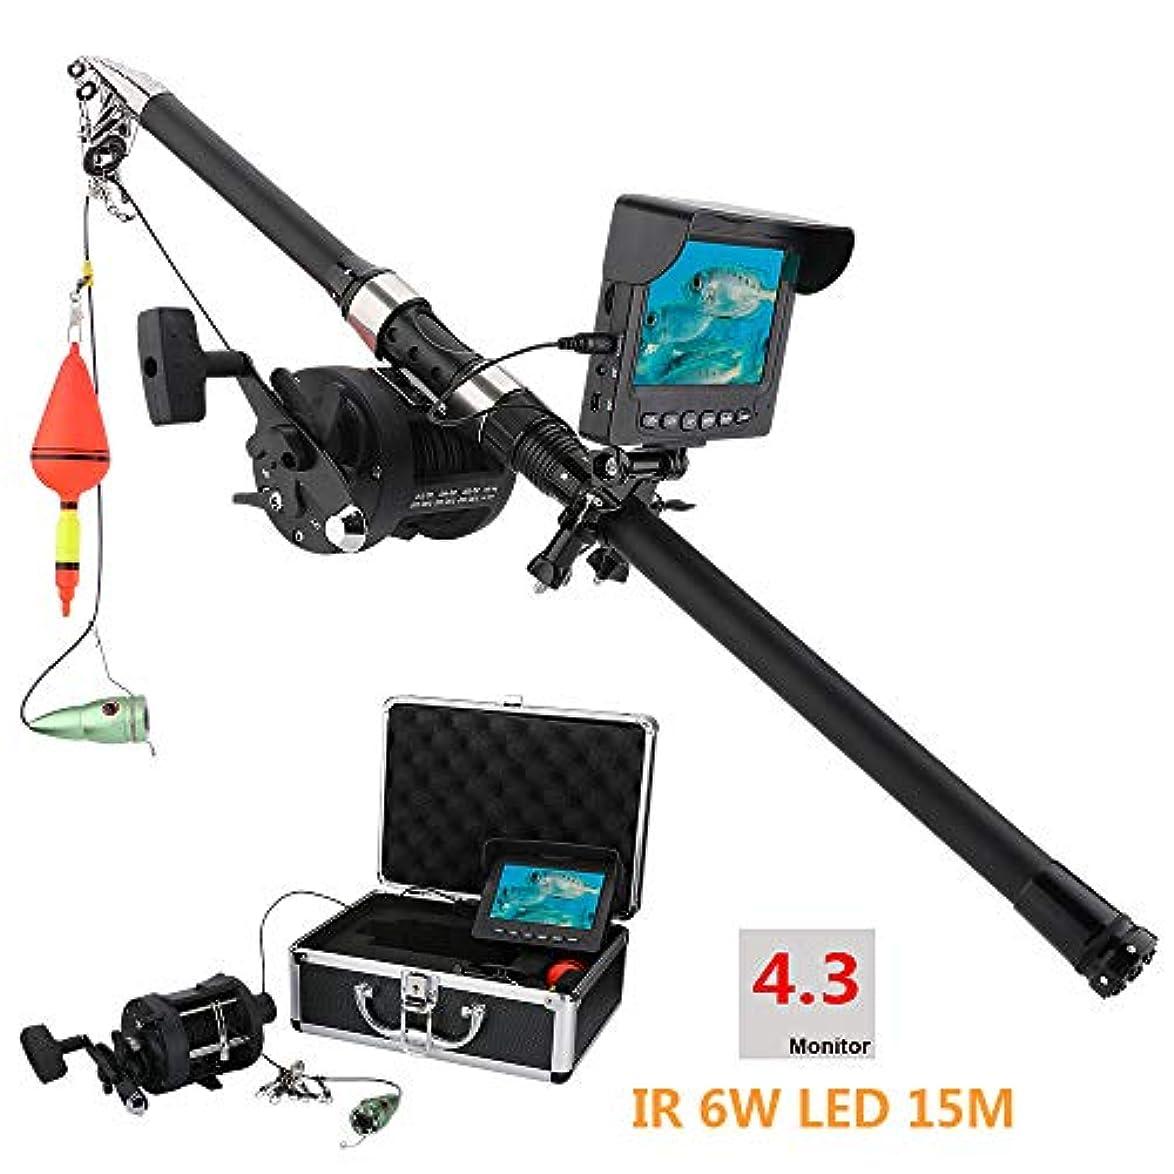 起きろ俳句エチケットアルミ合金の水中釣ビデオカメラのキット6W IR LEDは4.3